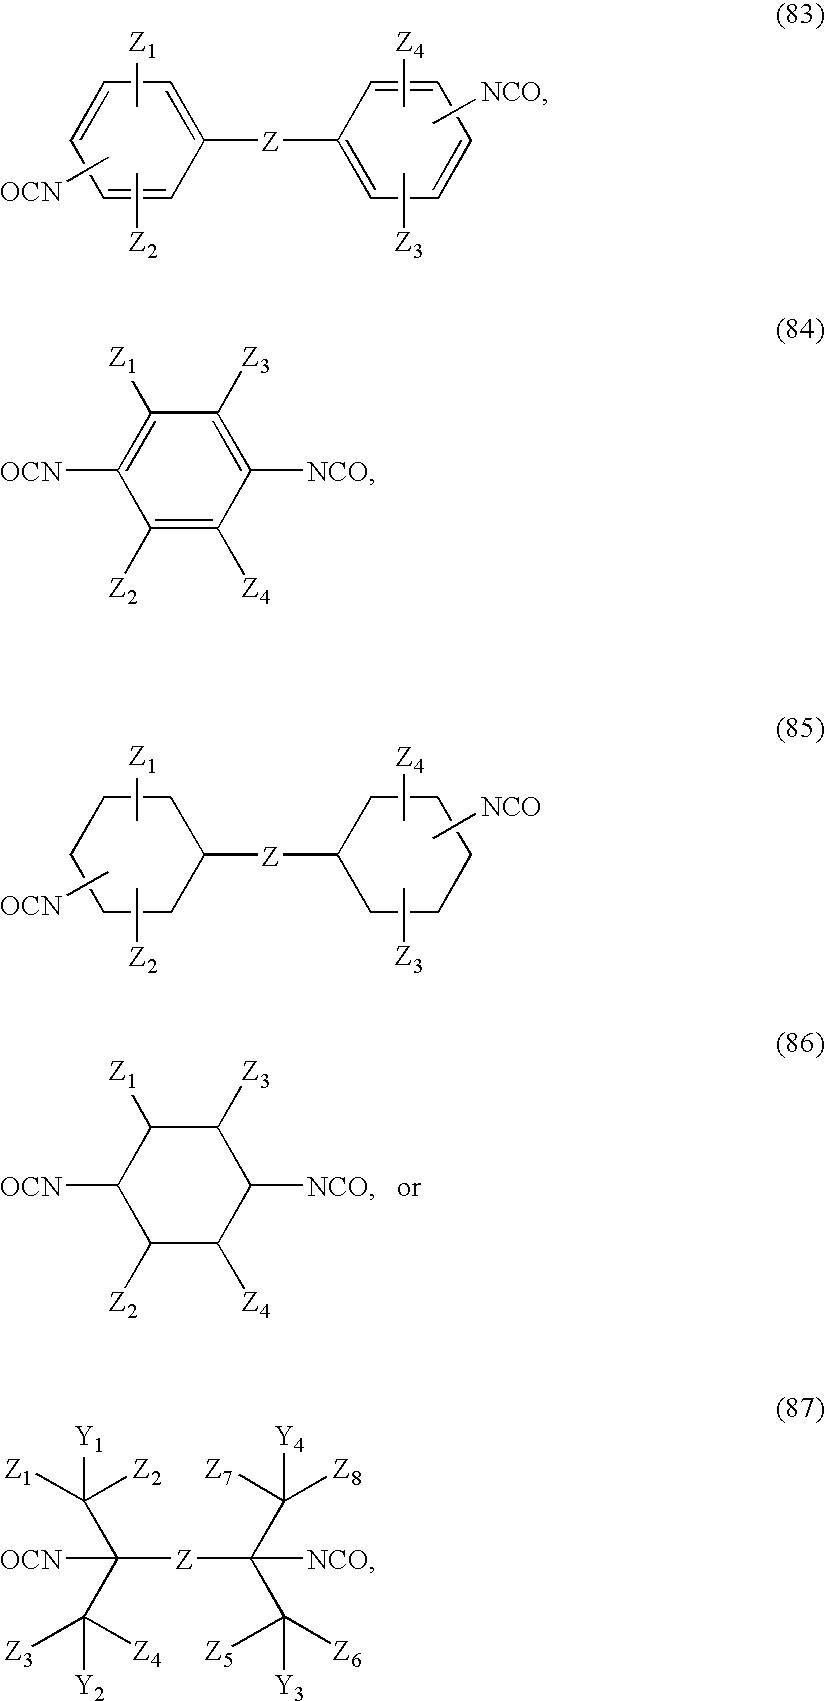 Figure US07550549-20090623-C00050